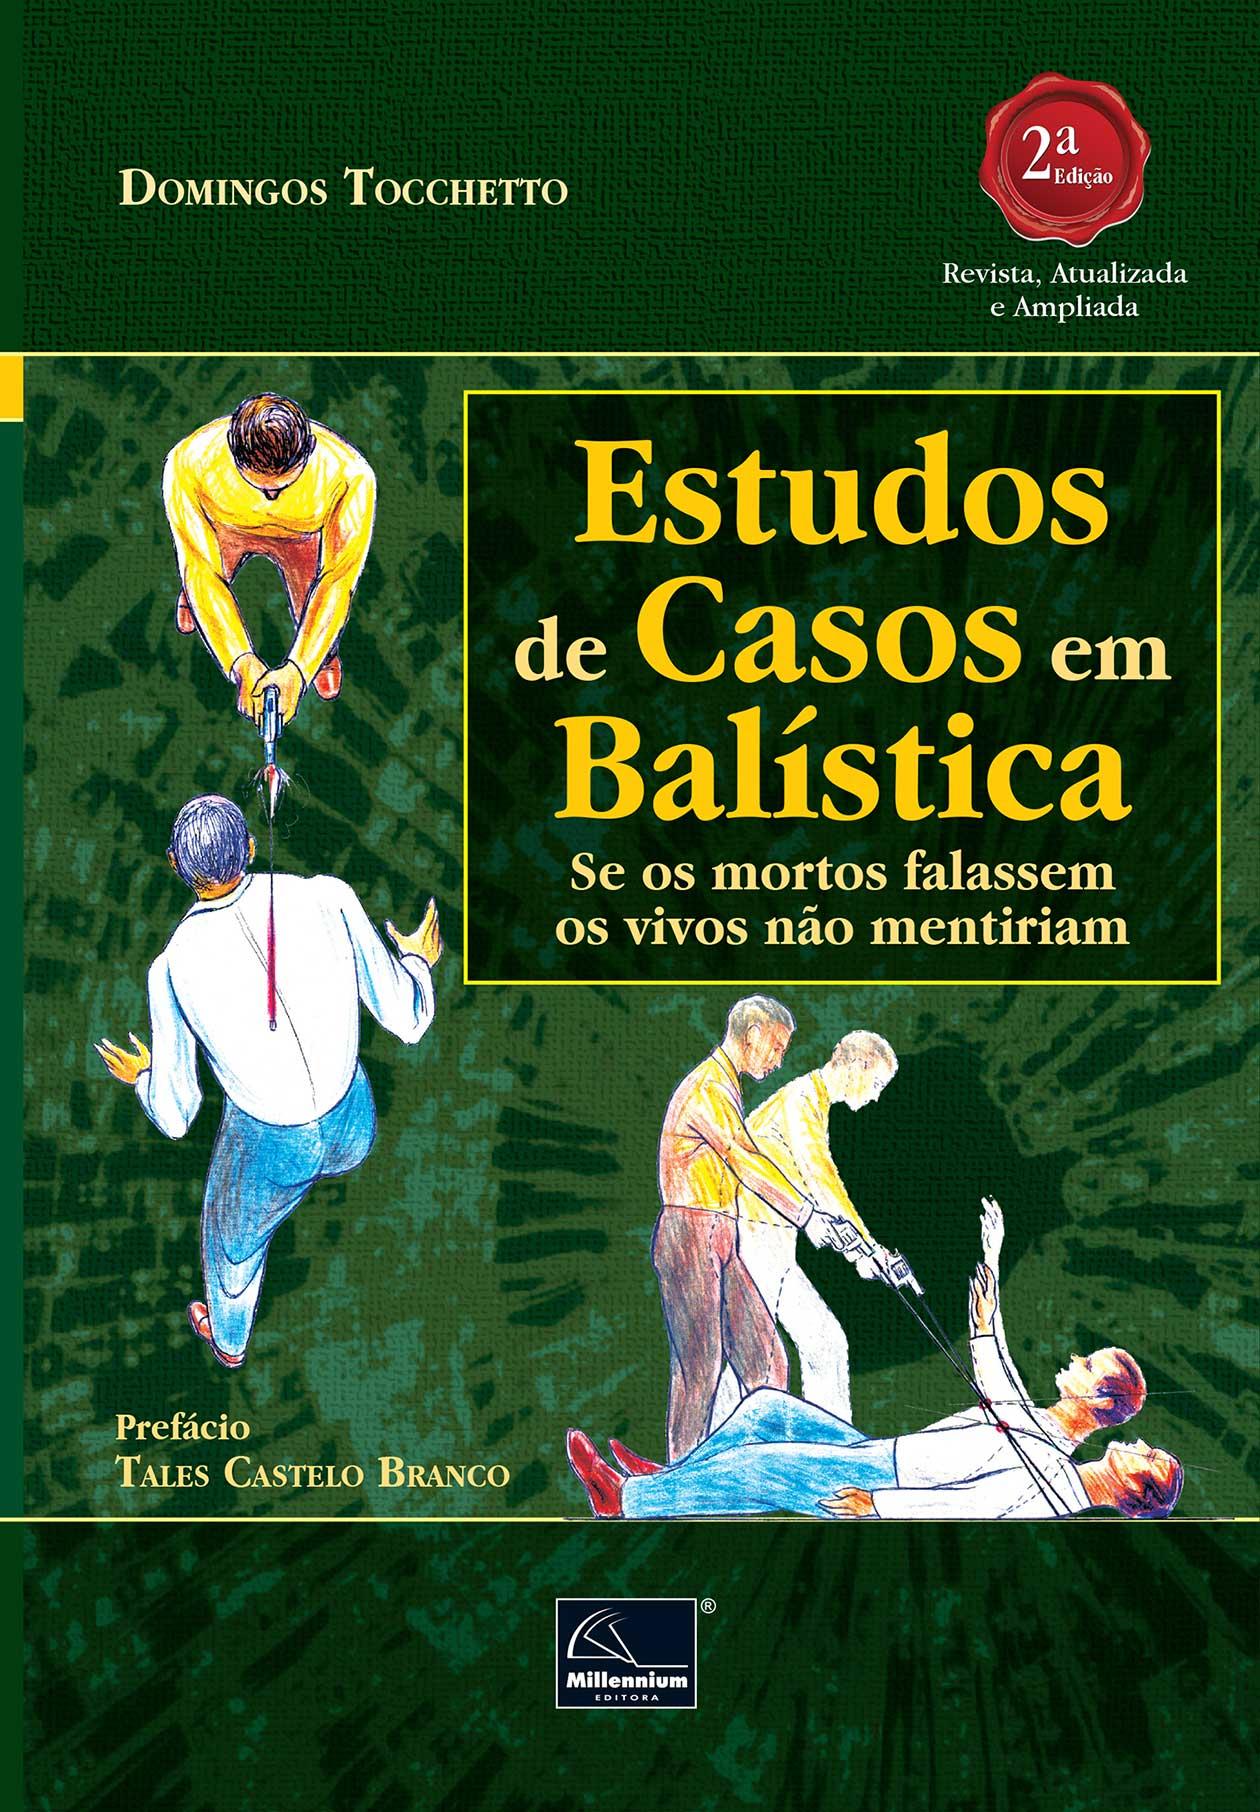 Estudos de Casos em Balística: Se os mortos falassem os vivos não mentiriam2ª Edição  - Millennium Editora - Livros de Perícia